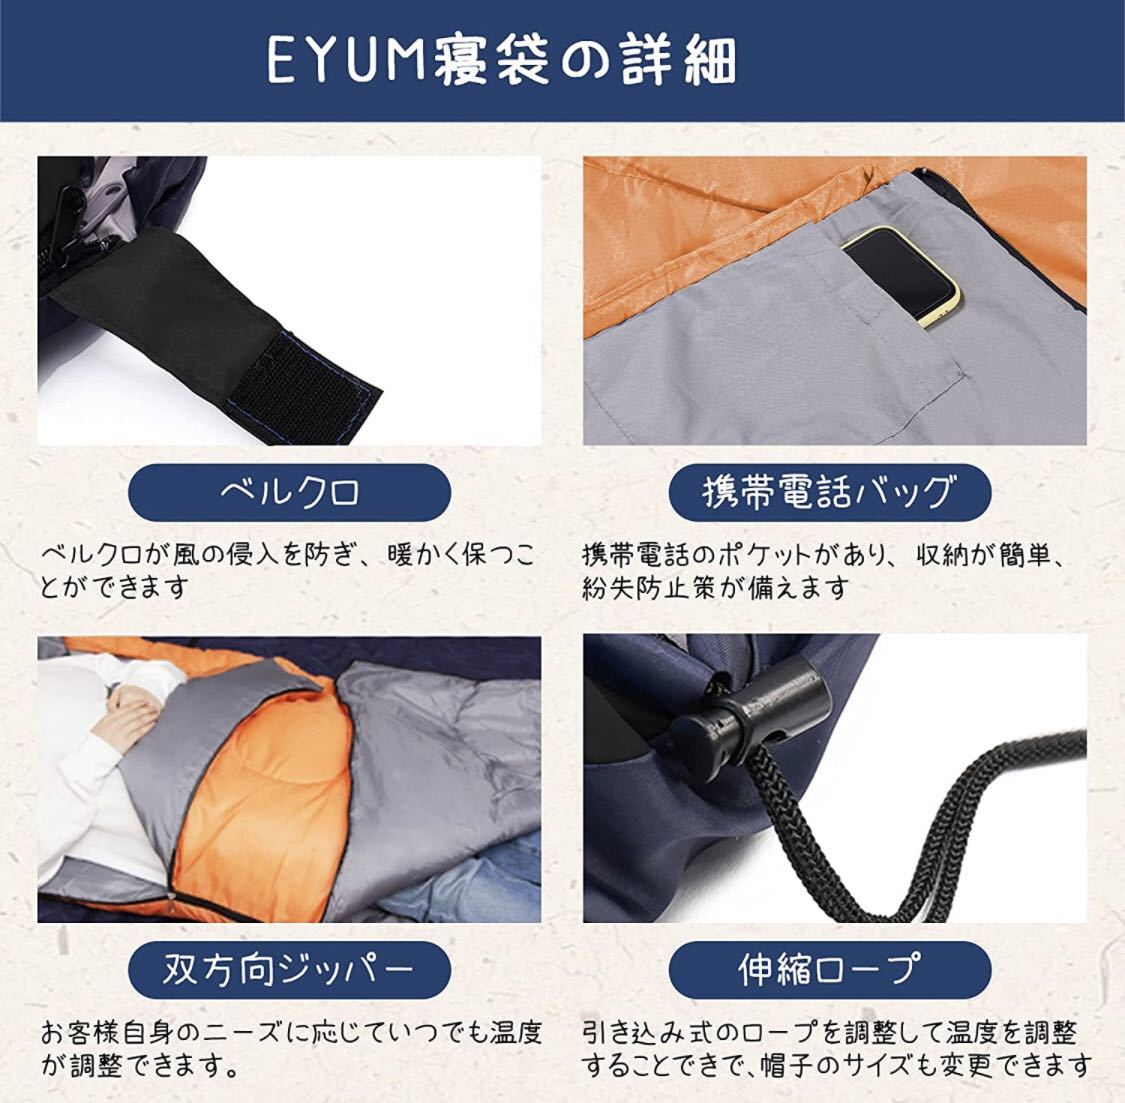 寝袋 シュラフ 封筒型 軽量 超暖かい防水 コンパクト 簡単収納 車中泊 防災用